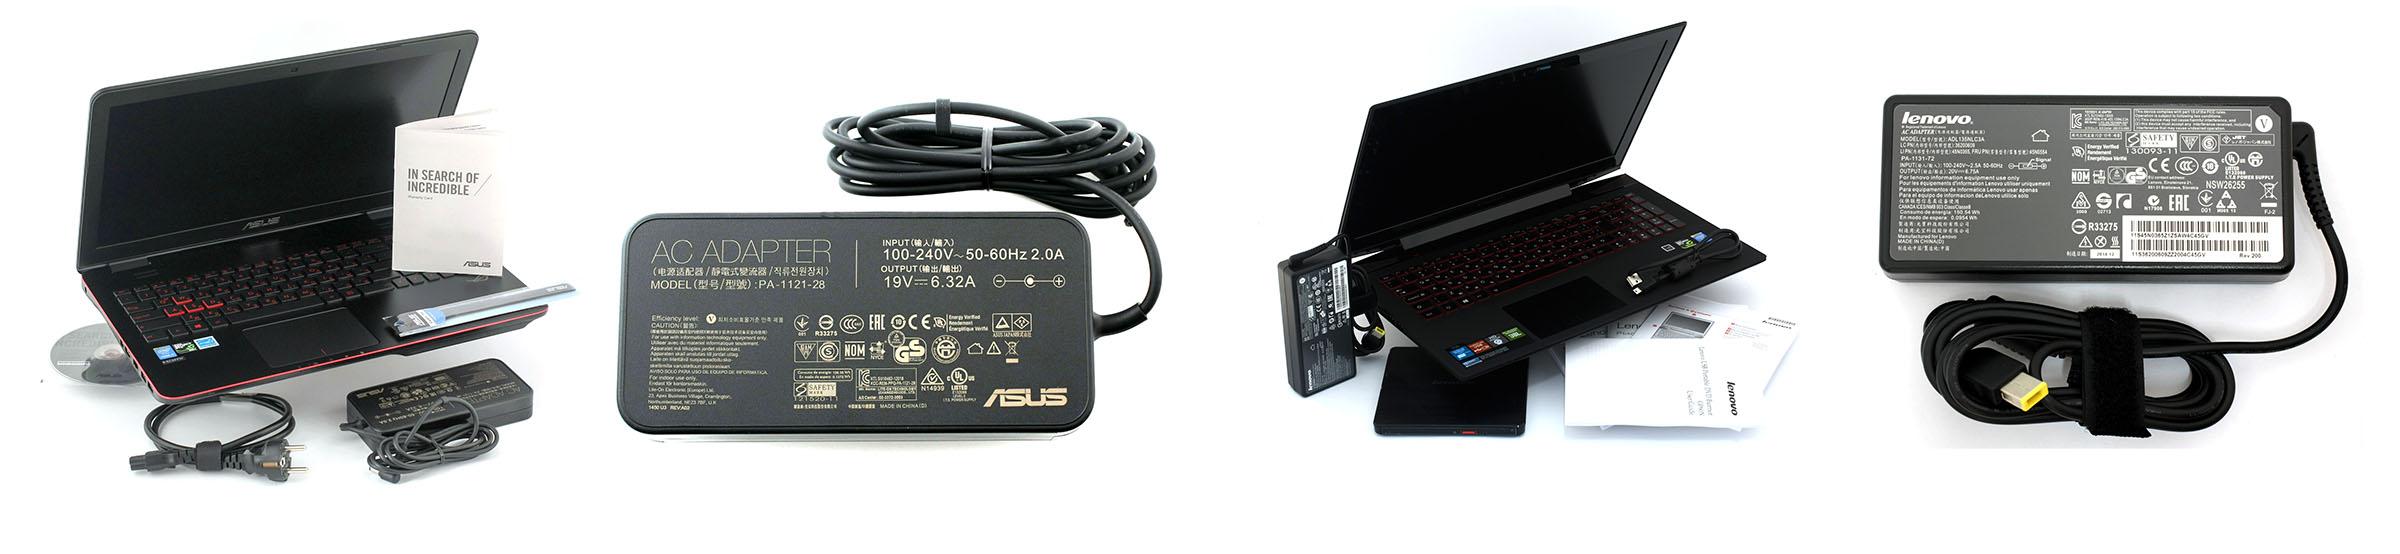 G551J LenovoY50 package ASUS ROG G551JW